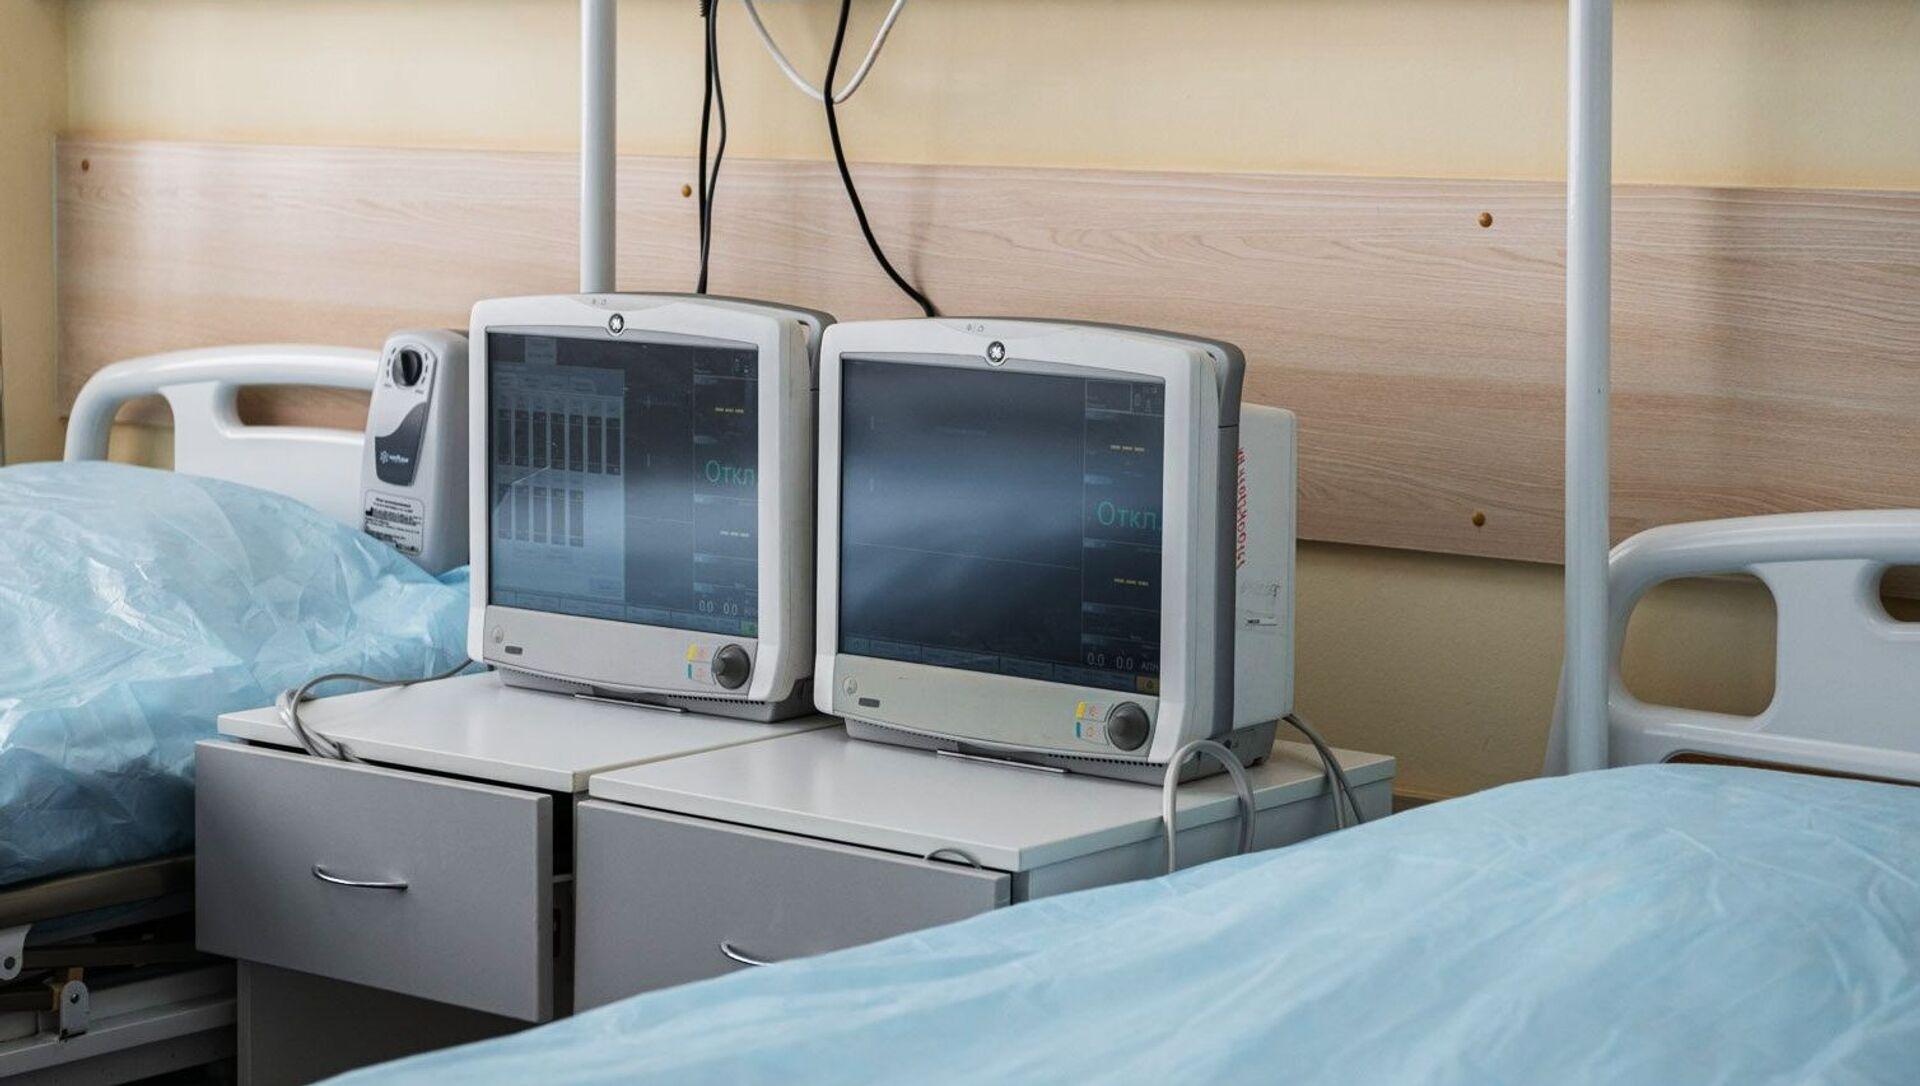 Открытие стационара для пациентов с COVID-19 в ГКБ №15 им. Филатова - Sputnik Южная Осетия, 1920, 04.10.2021